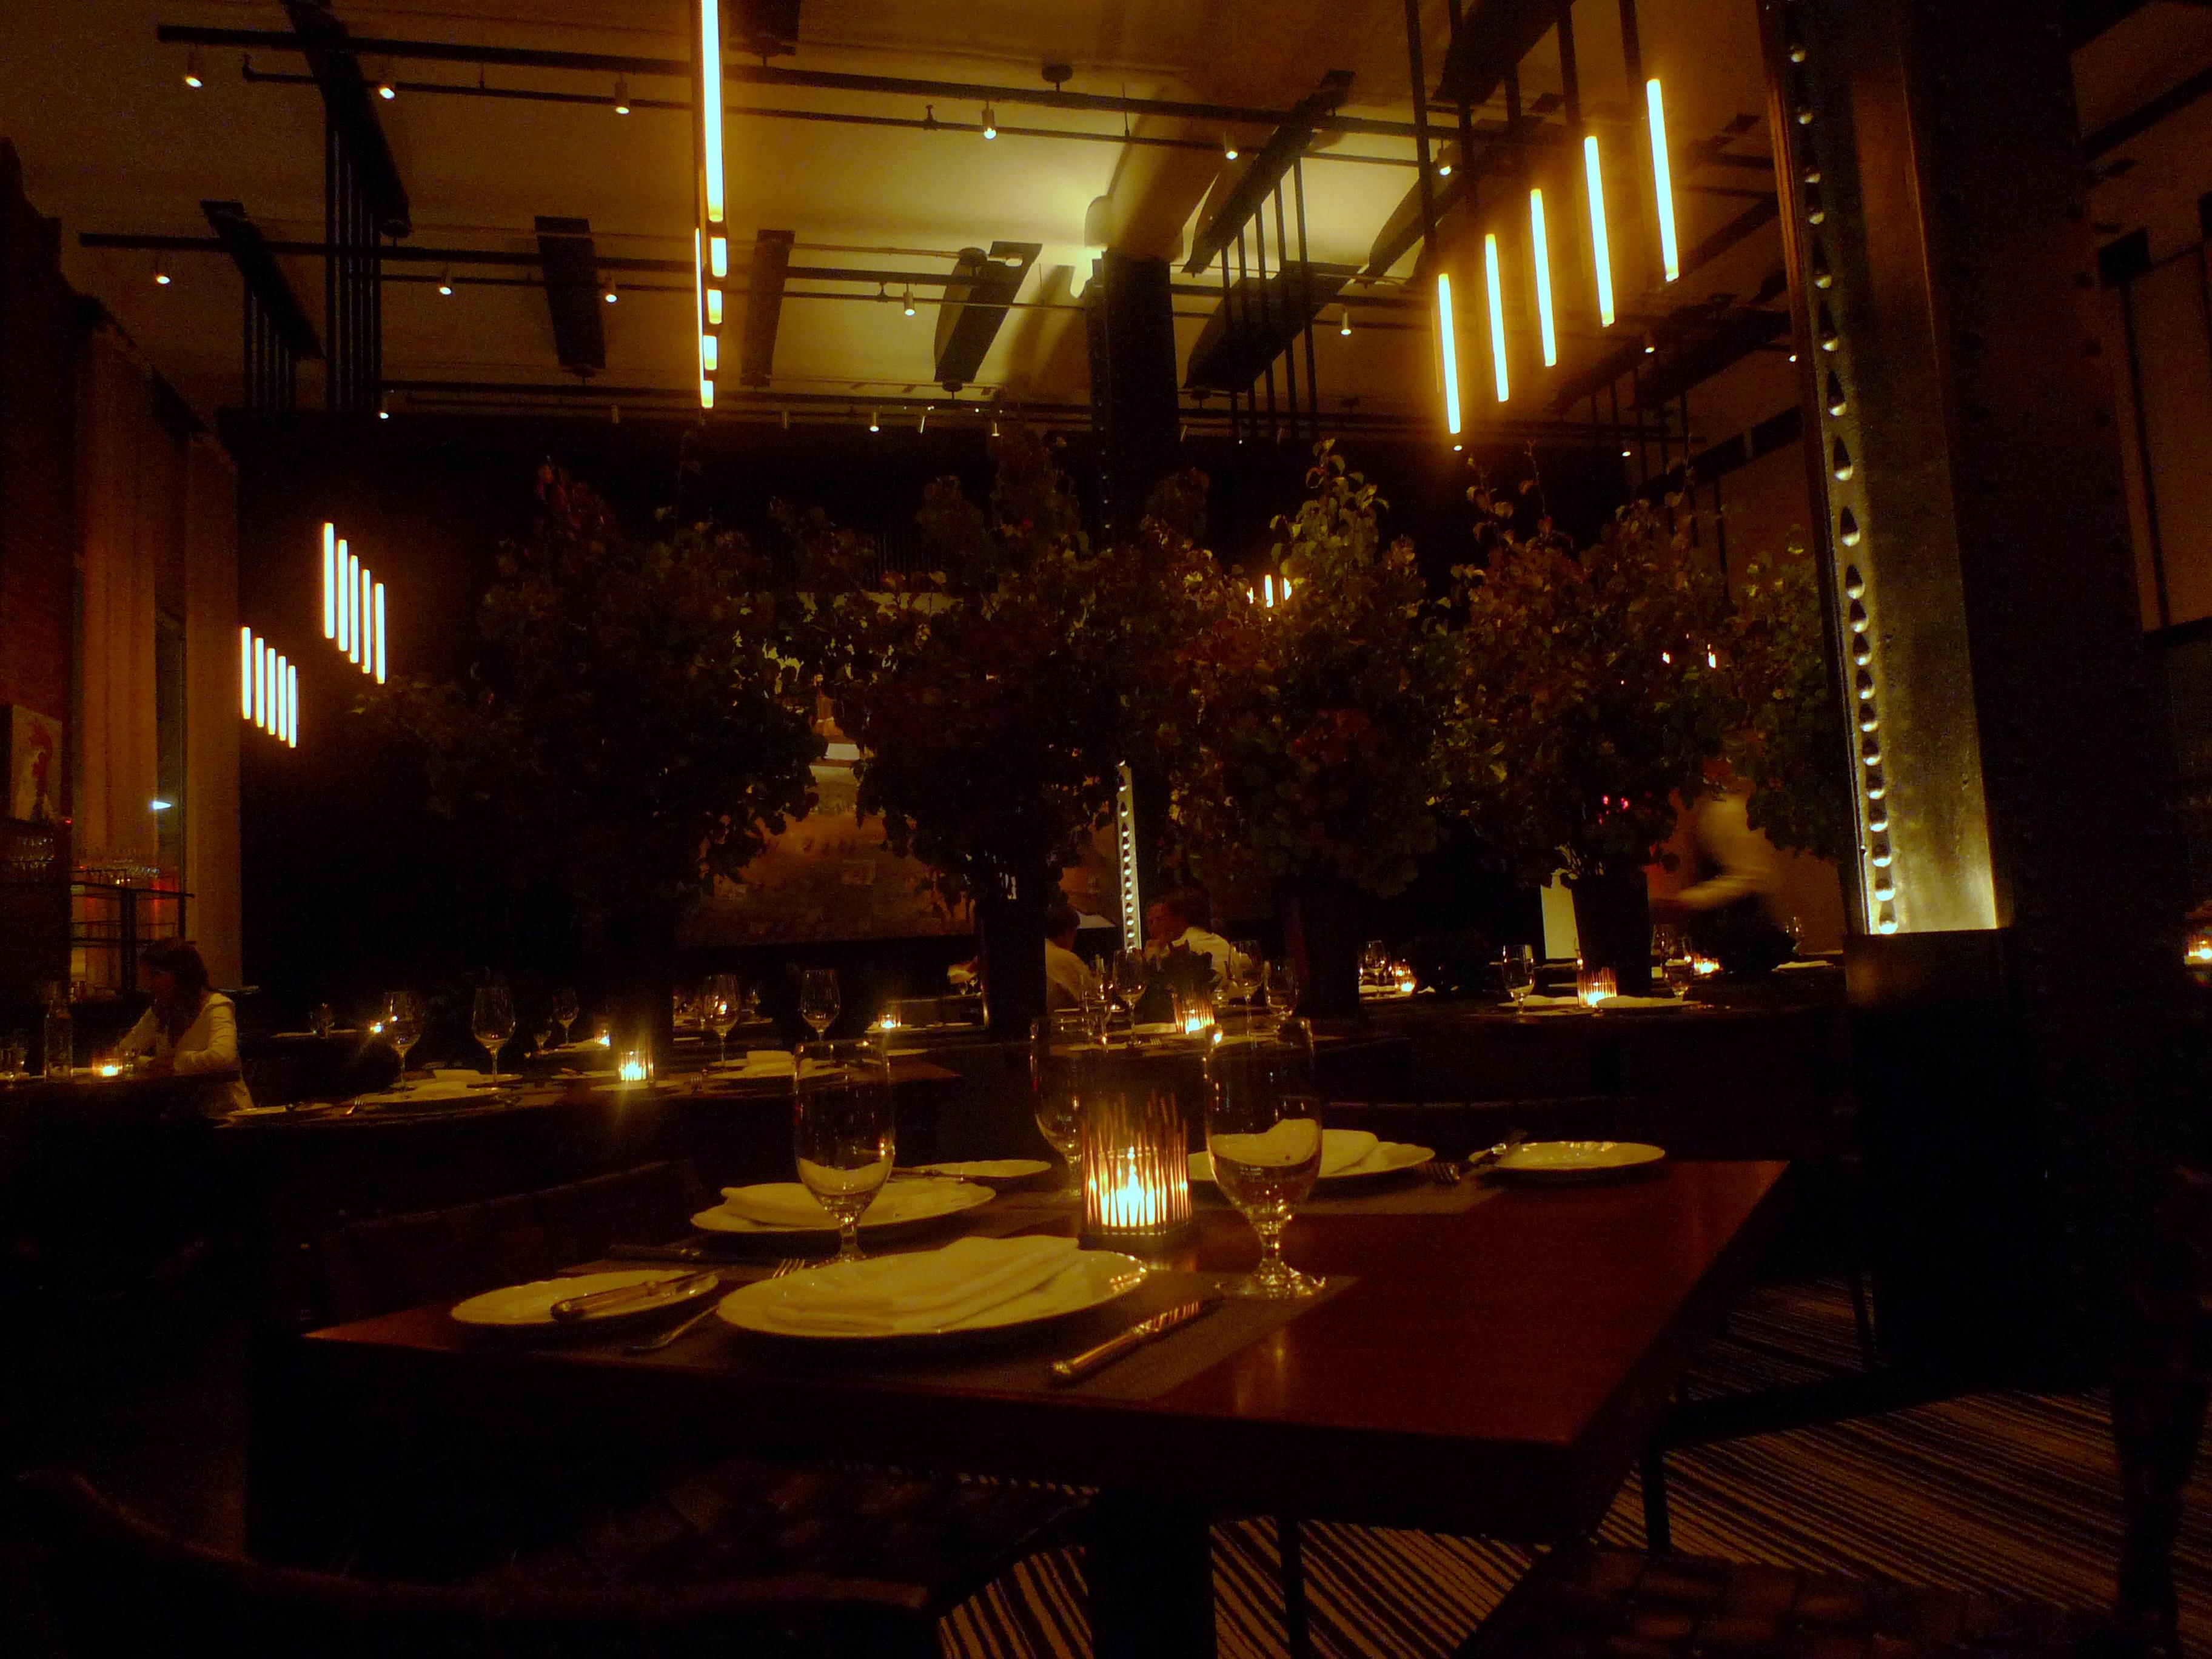 Colicchio & Sons, NYC | food comas